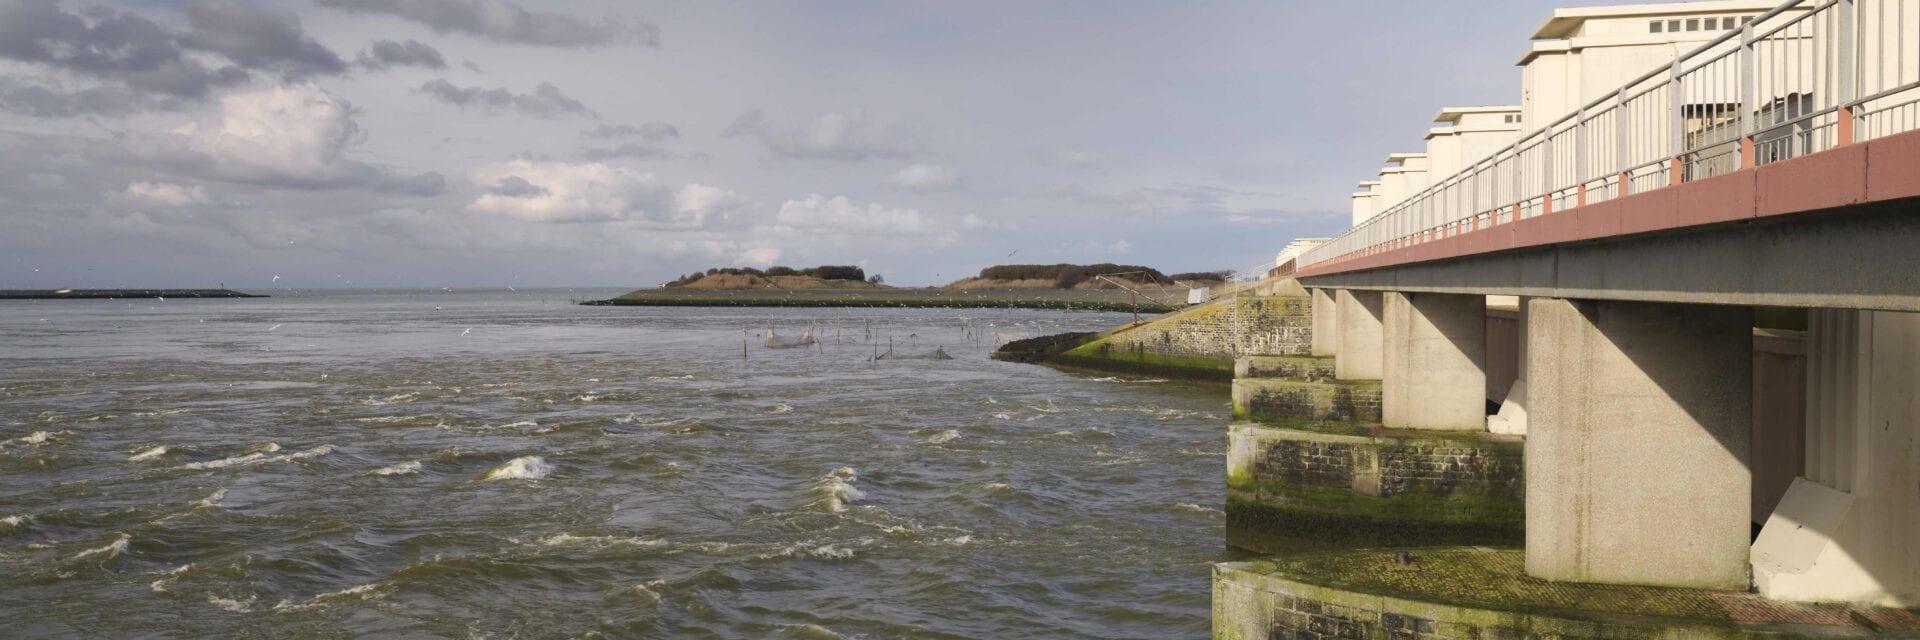 Afsluitdijk bij Den Oever, Stevinsluizen. We kijken uit over het water. Aan de rechterkant zien wij een hoge balustrade met de witte sluisgebouwen. Deze omlijsten de weg van de Afsluitdijk.